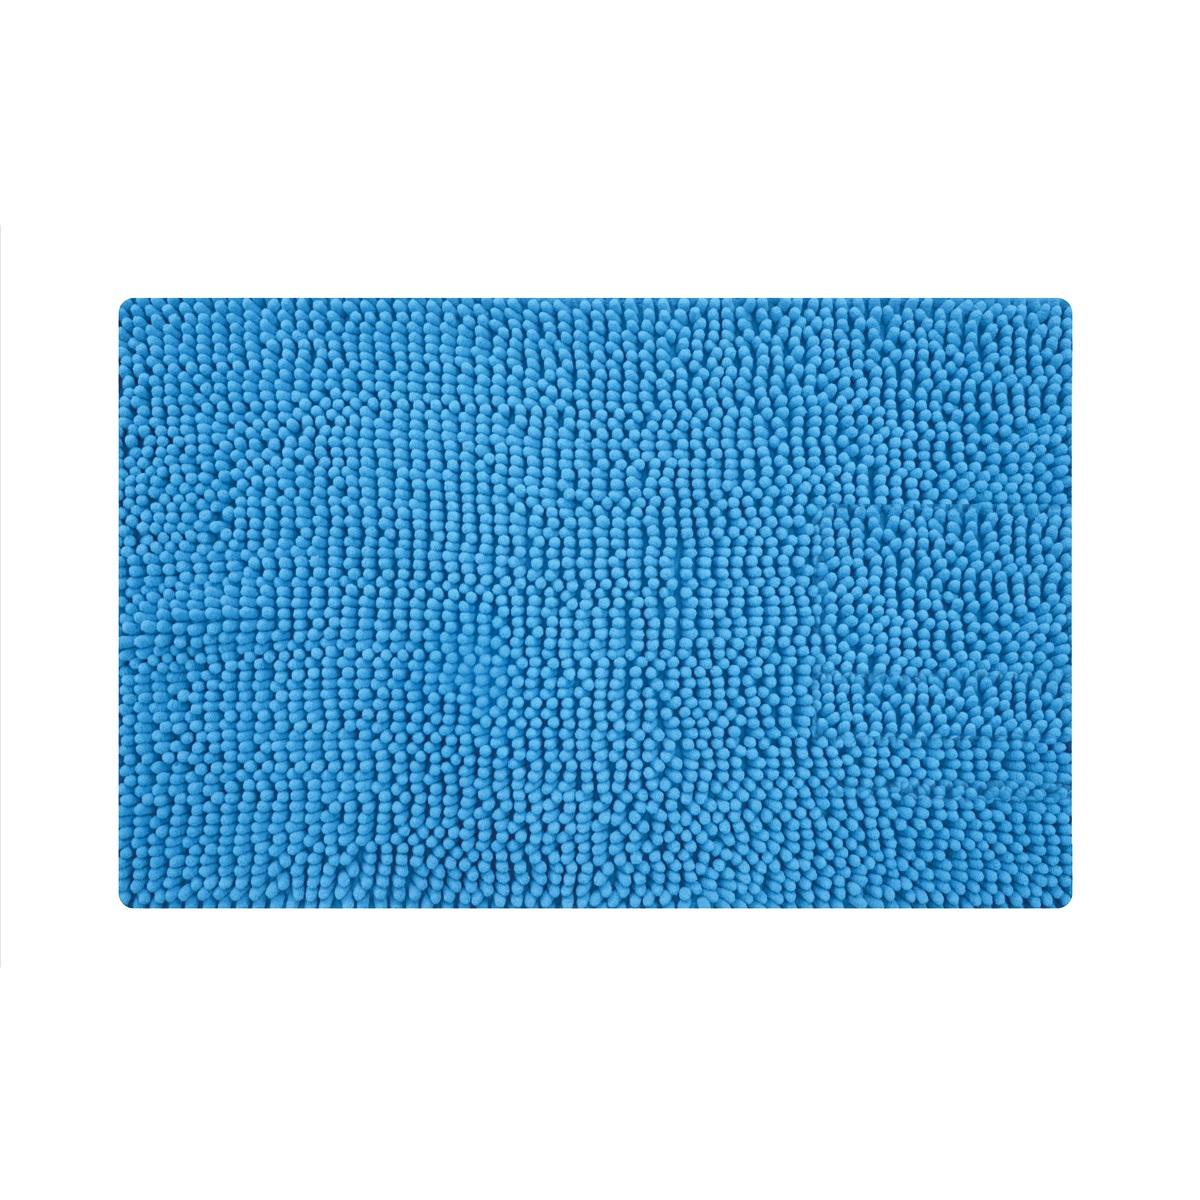 Коврик для ванной Iddis Blue Heaven, цвет: синий, 50 х 80 см620M580i12Коврик для ванной комнаты Iddis выполнен из микрофибры. Коврик имеет специальную основу, благодаря которой он не скользит на напольных покрытия в ванной, что обеспечивает безопасность во время использования. Коврик изготавливается по специальным технологиям машинного ручного тафтинга, что гарантирует высокое качество и долговечность.Антискользящее покрытие: Hot Melt. Высота ворса: 2 см.